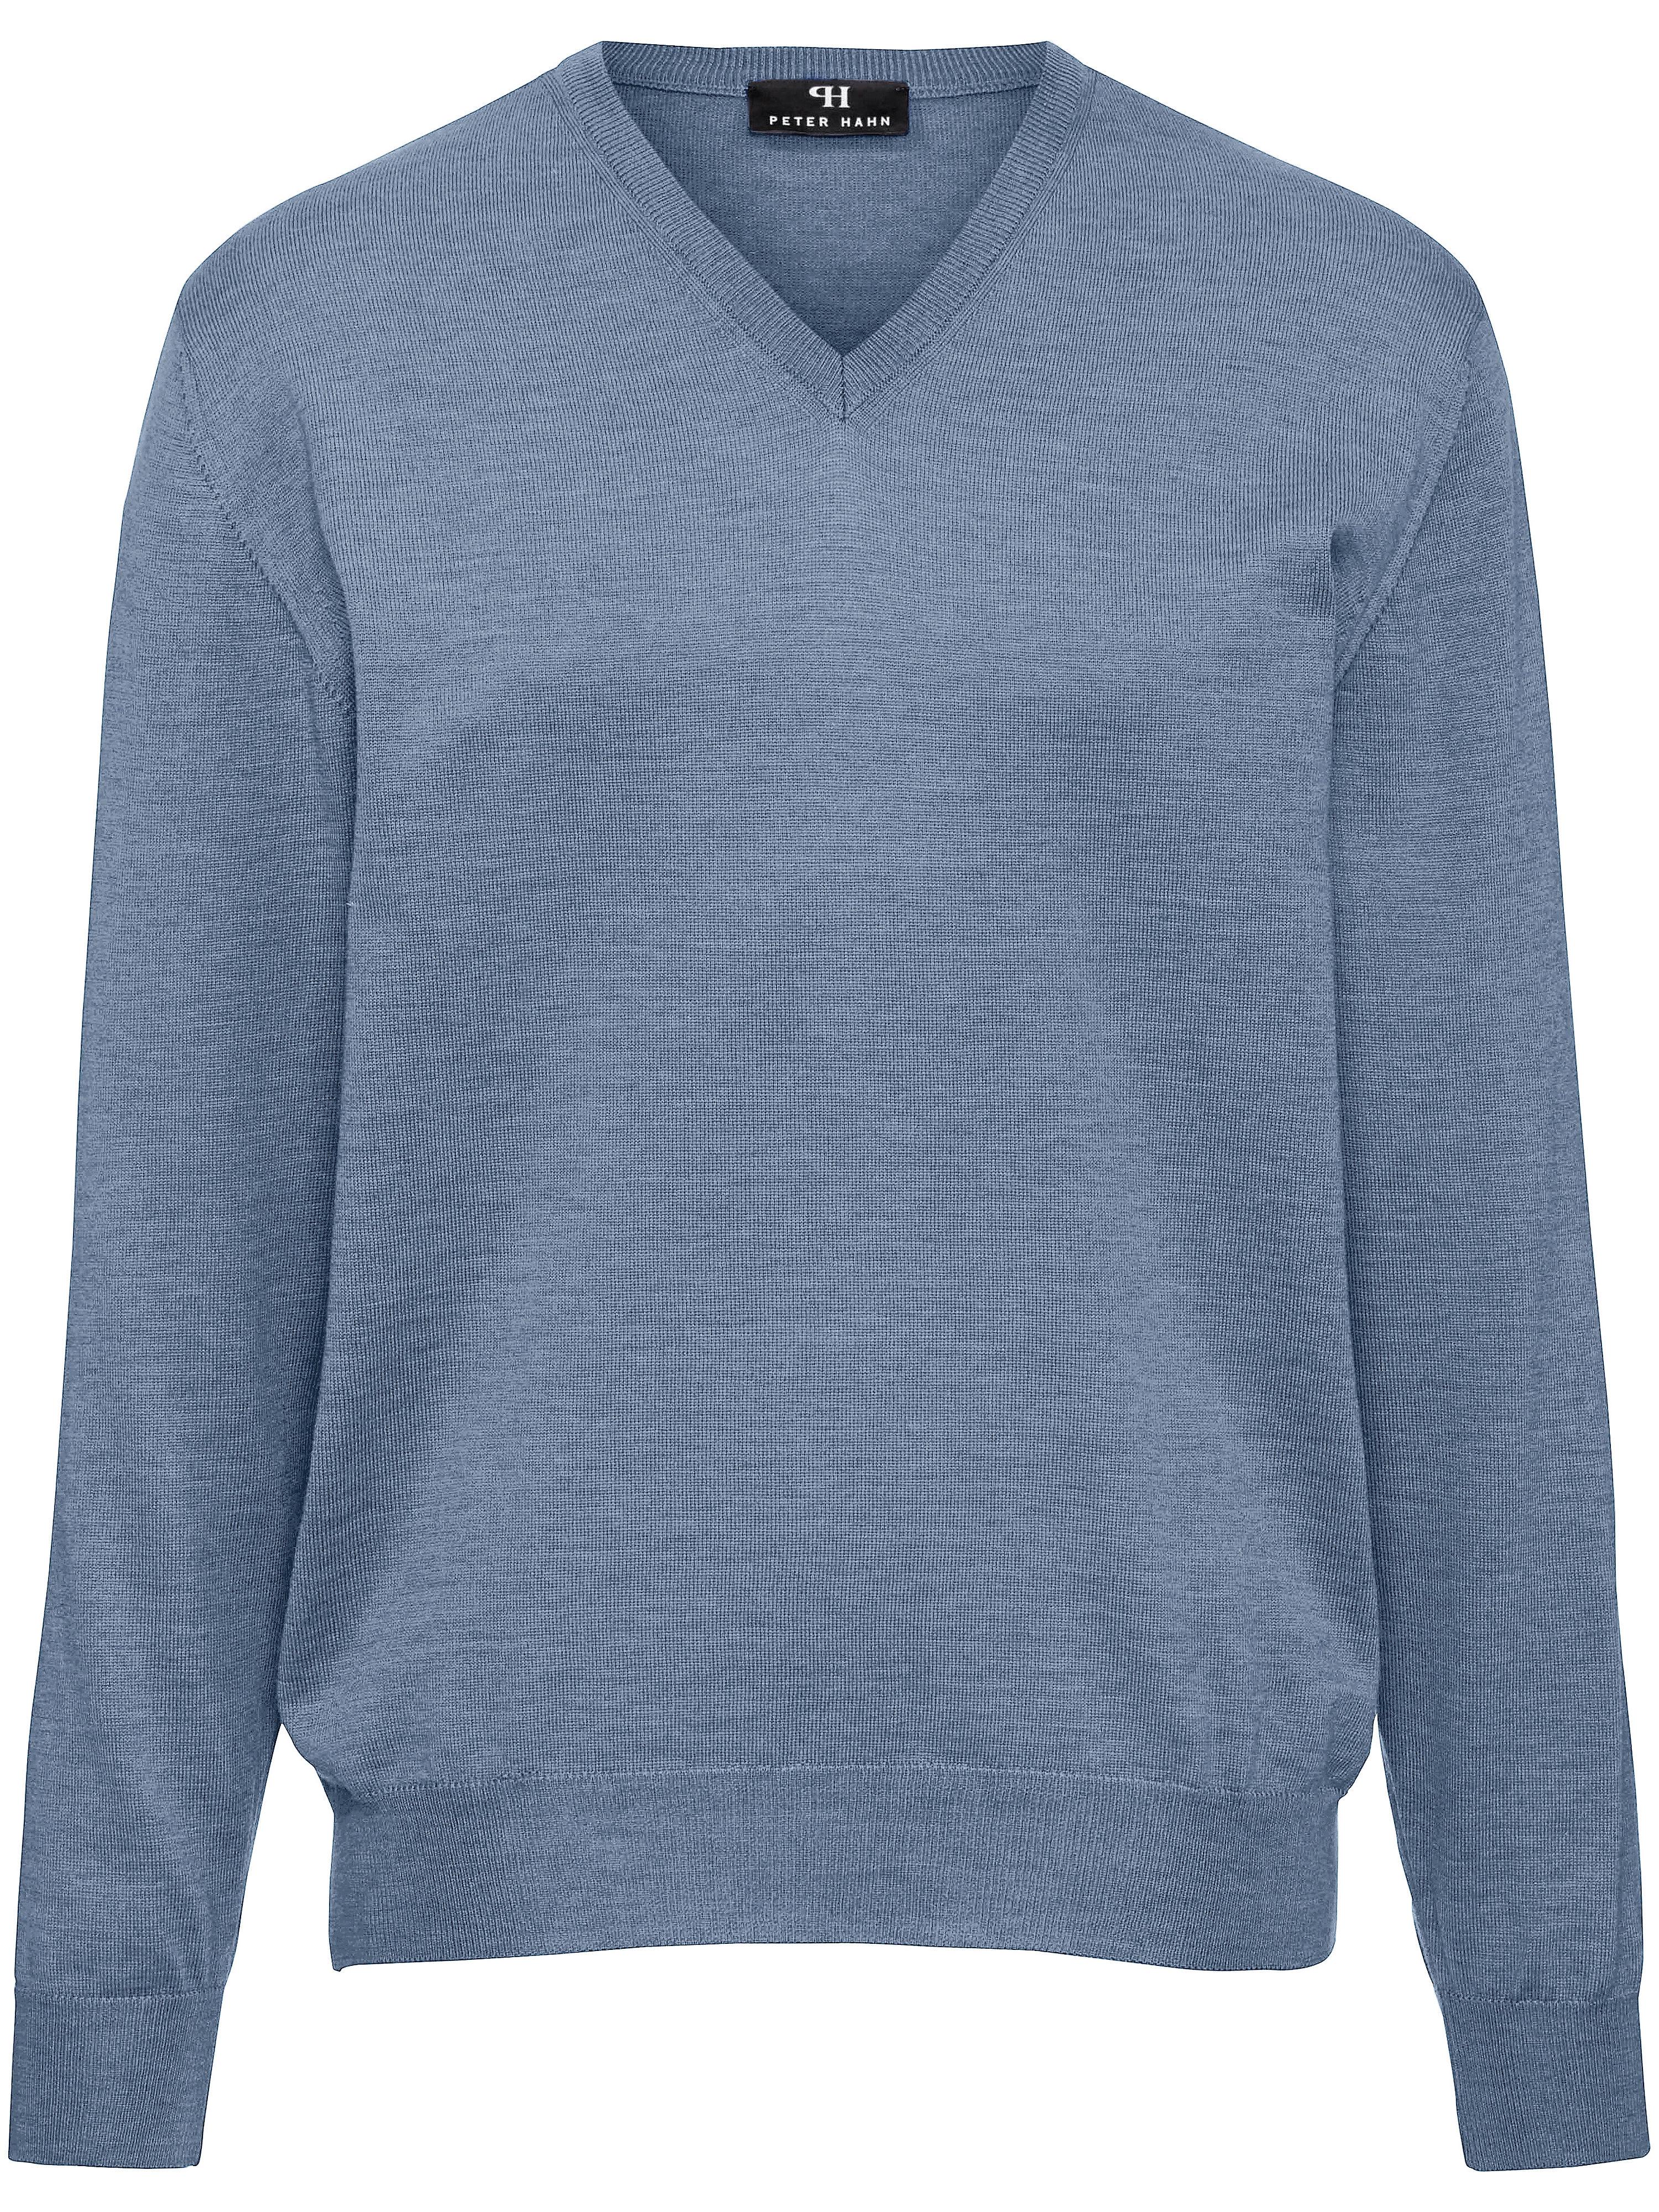 Image of   Strikbluse i 100% ren ny uld Fra Peter Hahn blå